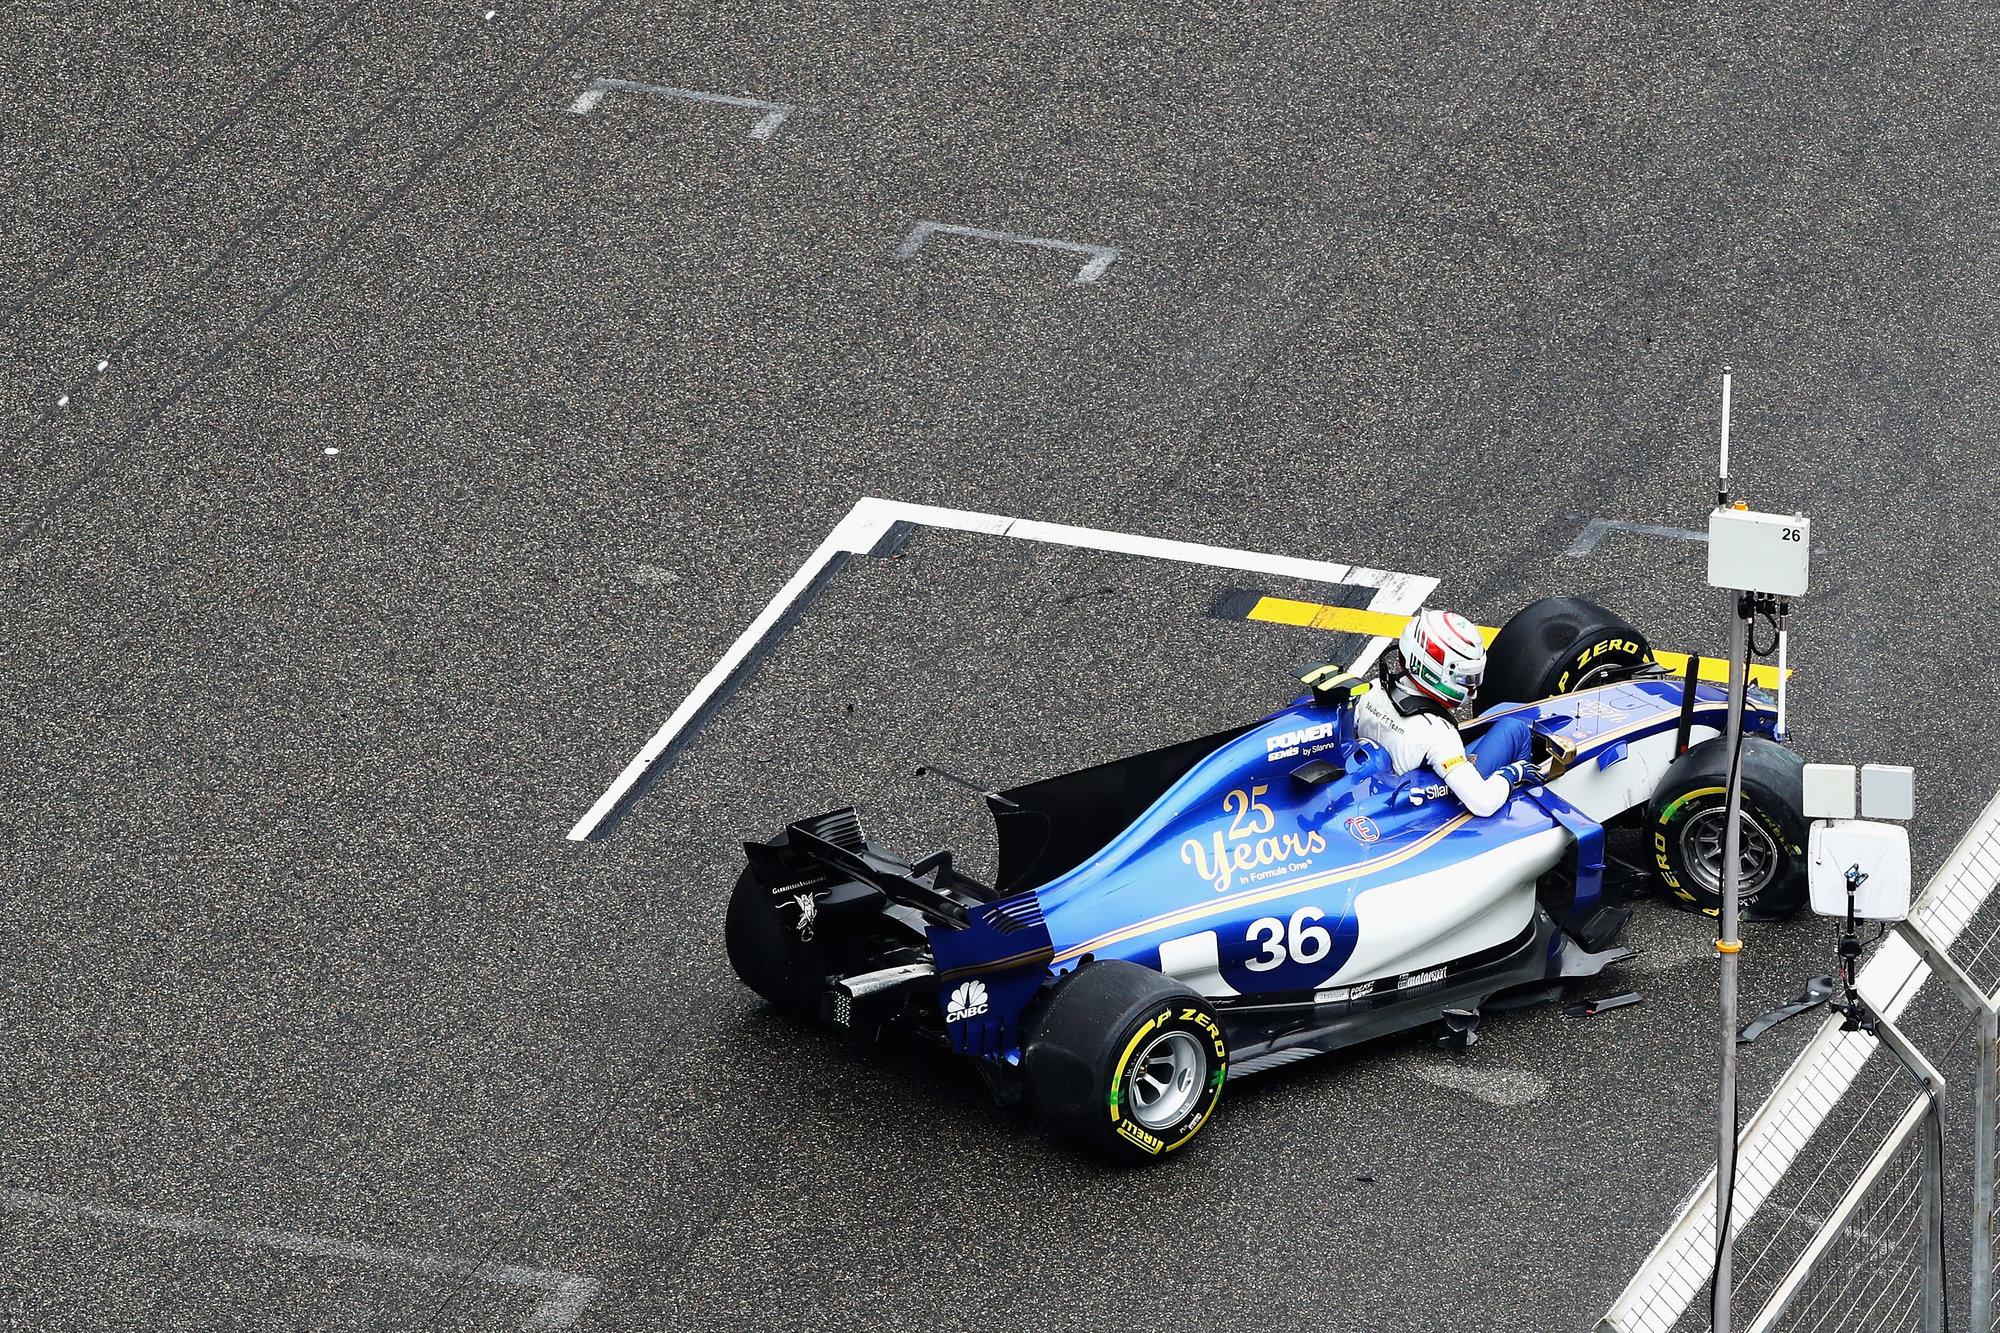 Директор «Заубера» из«Формулы-1» Мониша Кальтенборн оставляет команду